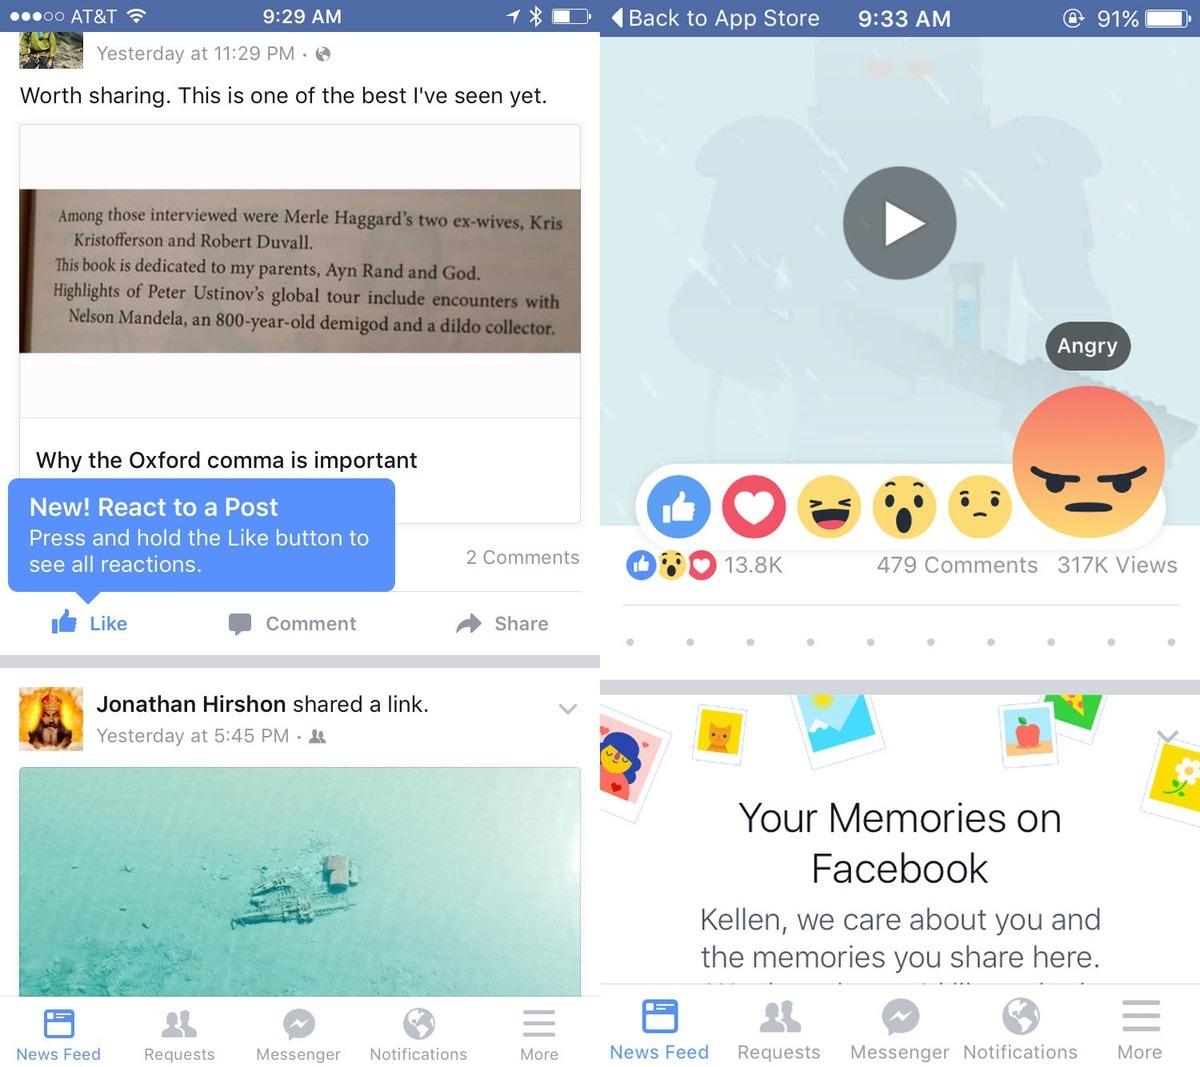 biểu tượng cảm xúc mới trên Facebook, Facebook Reaction, biểu tượng cảm xúc mới, Facebook, nút Like